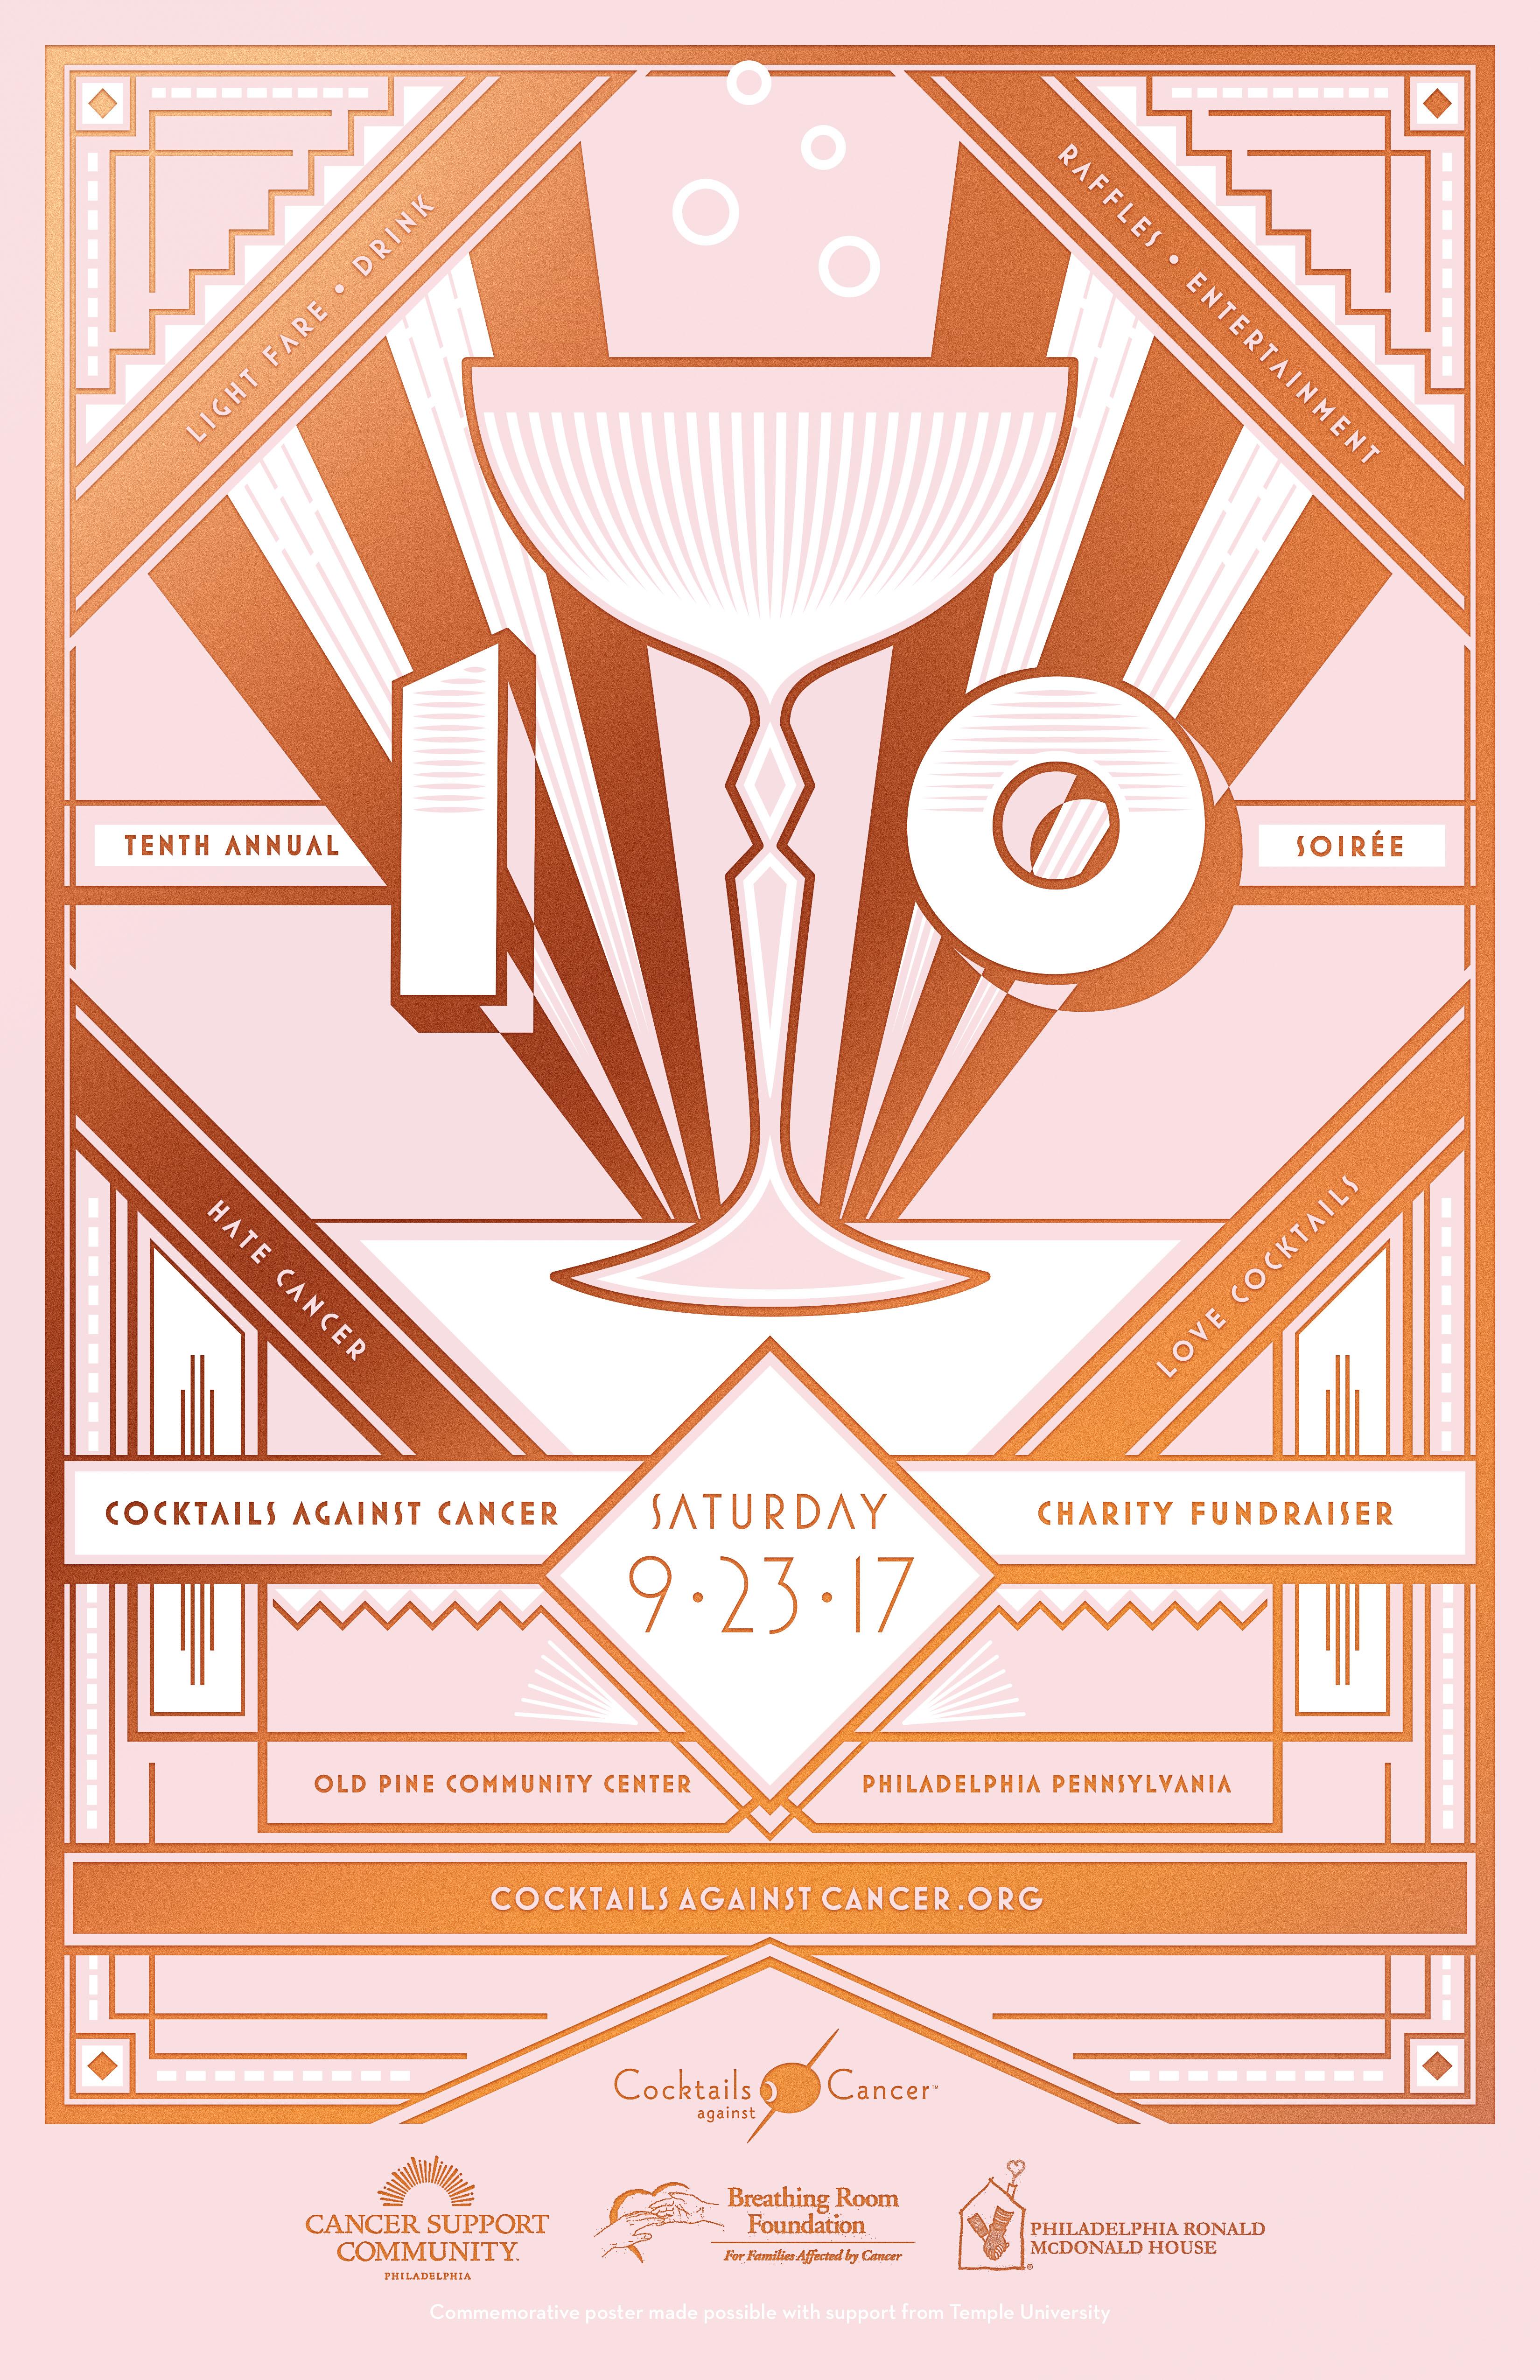 10th Anniversary Commemorative Poster